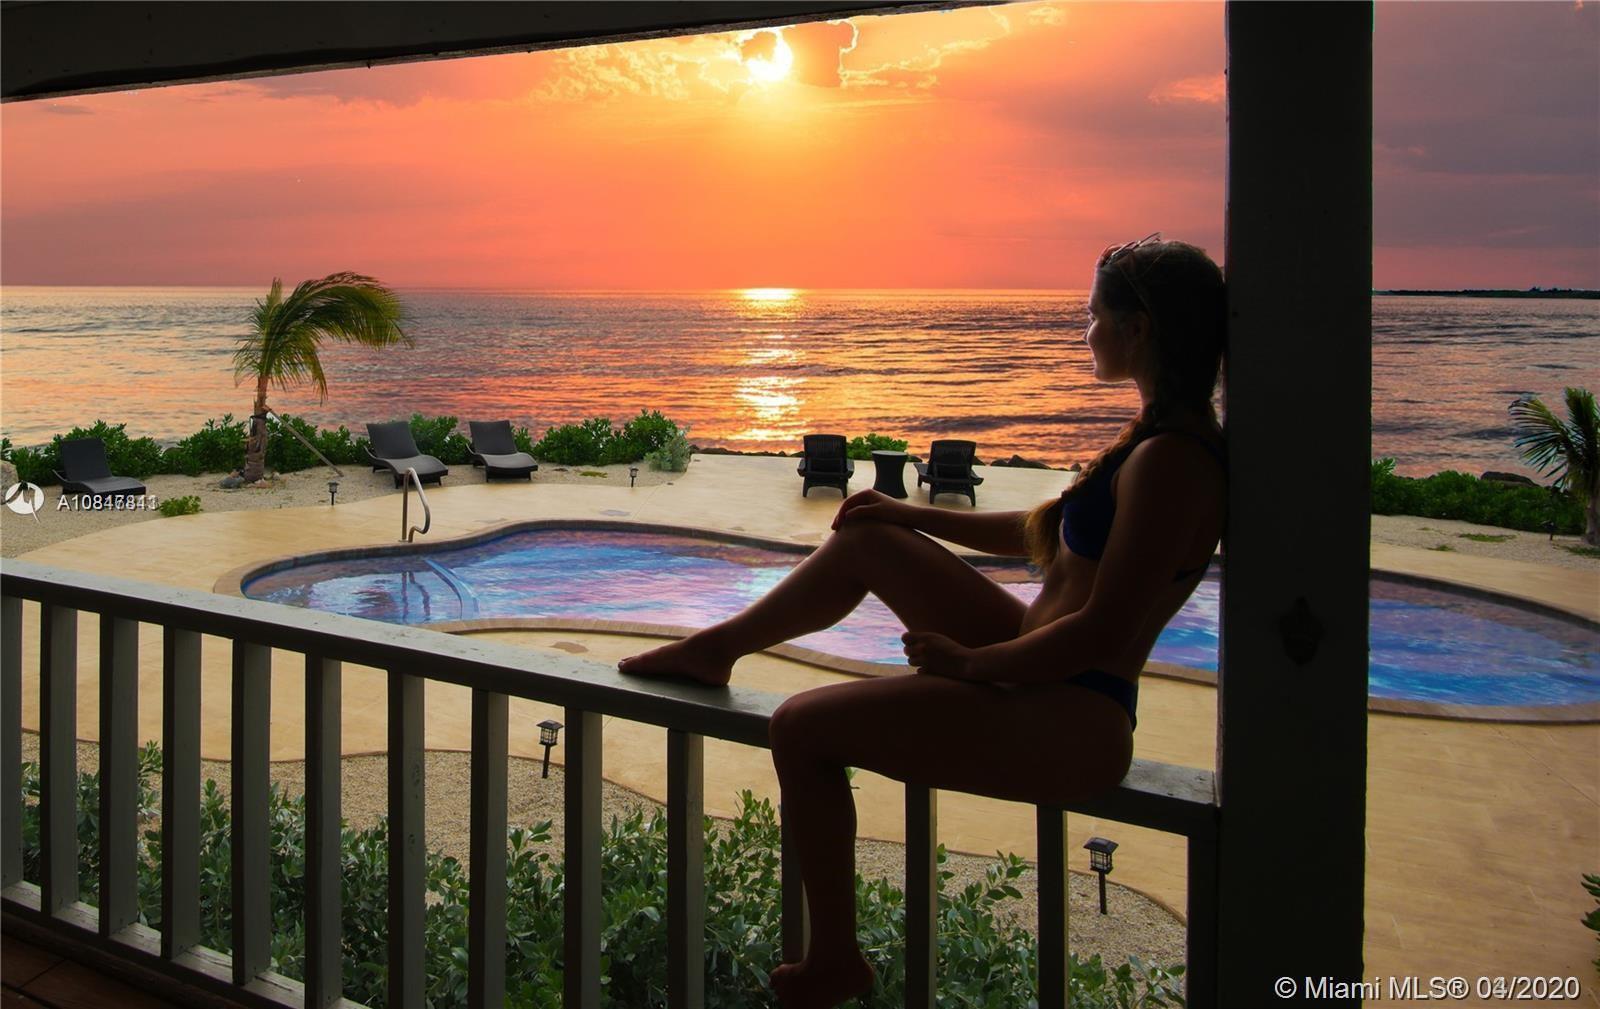 Photo of 1 Eco Resort Hotel FL Keys, OTHER FL Key, FL 33050